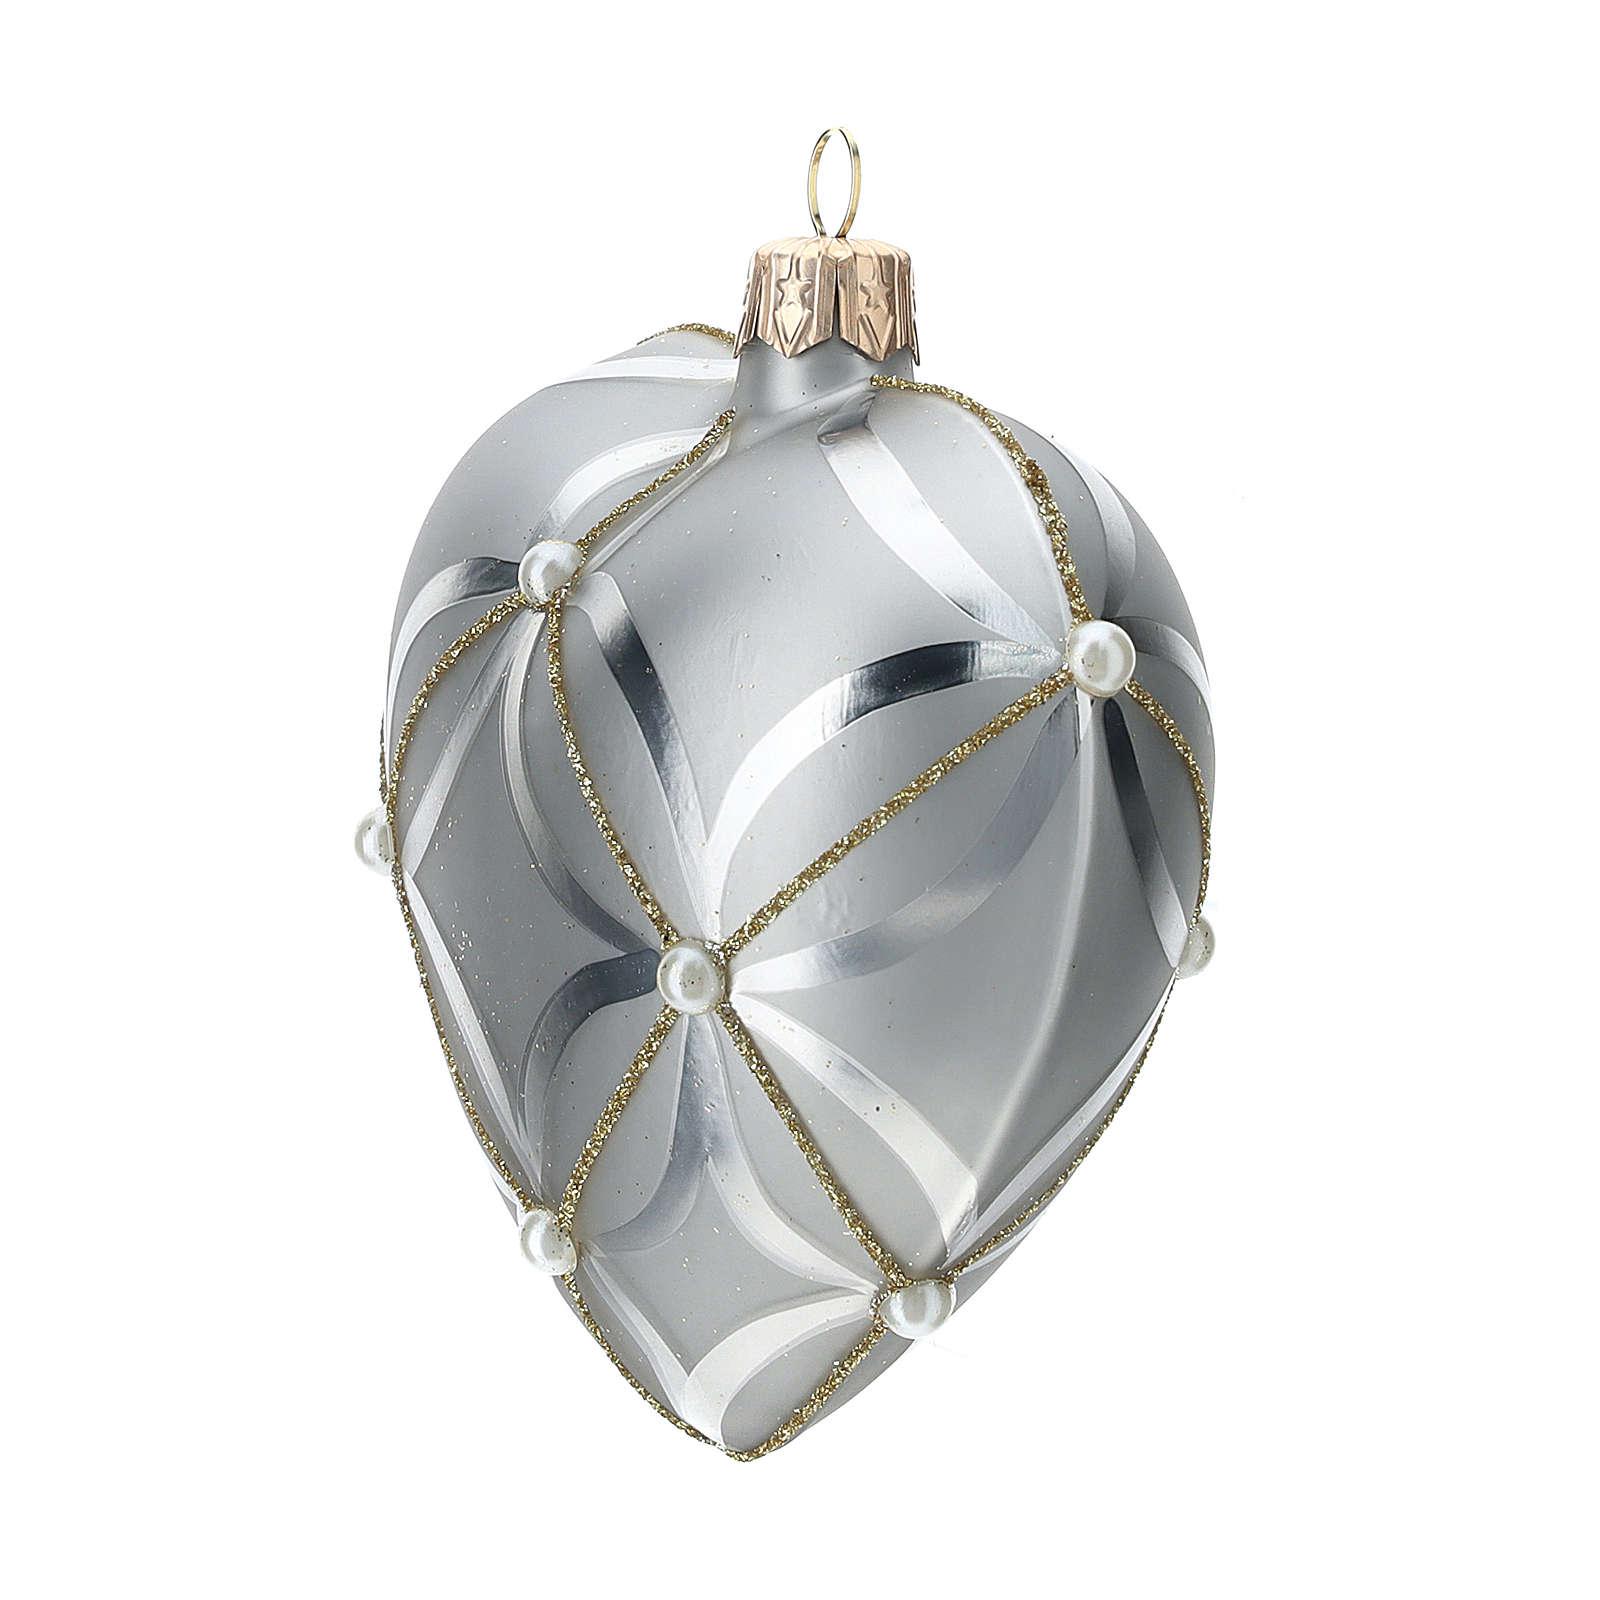 Bombka bożonarodzeniowa w kształcie serca szkło koloru srebrnego lśniąca/ matowa 100mm 4